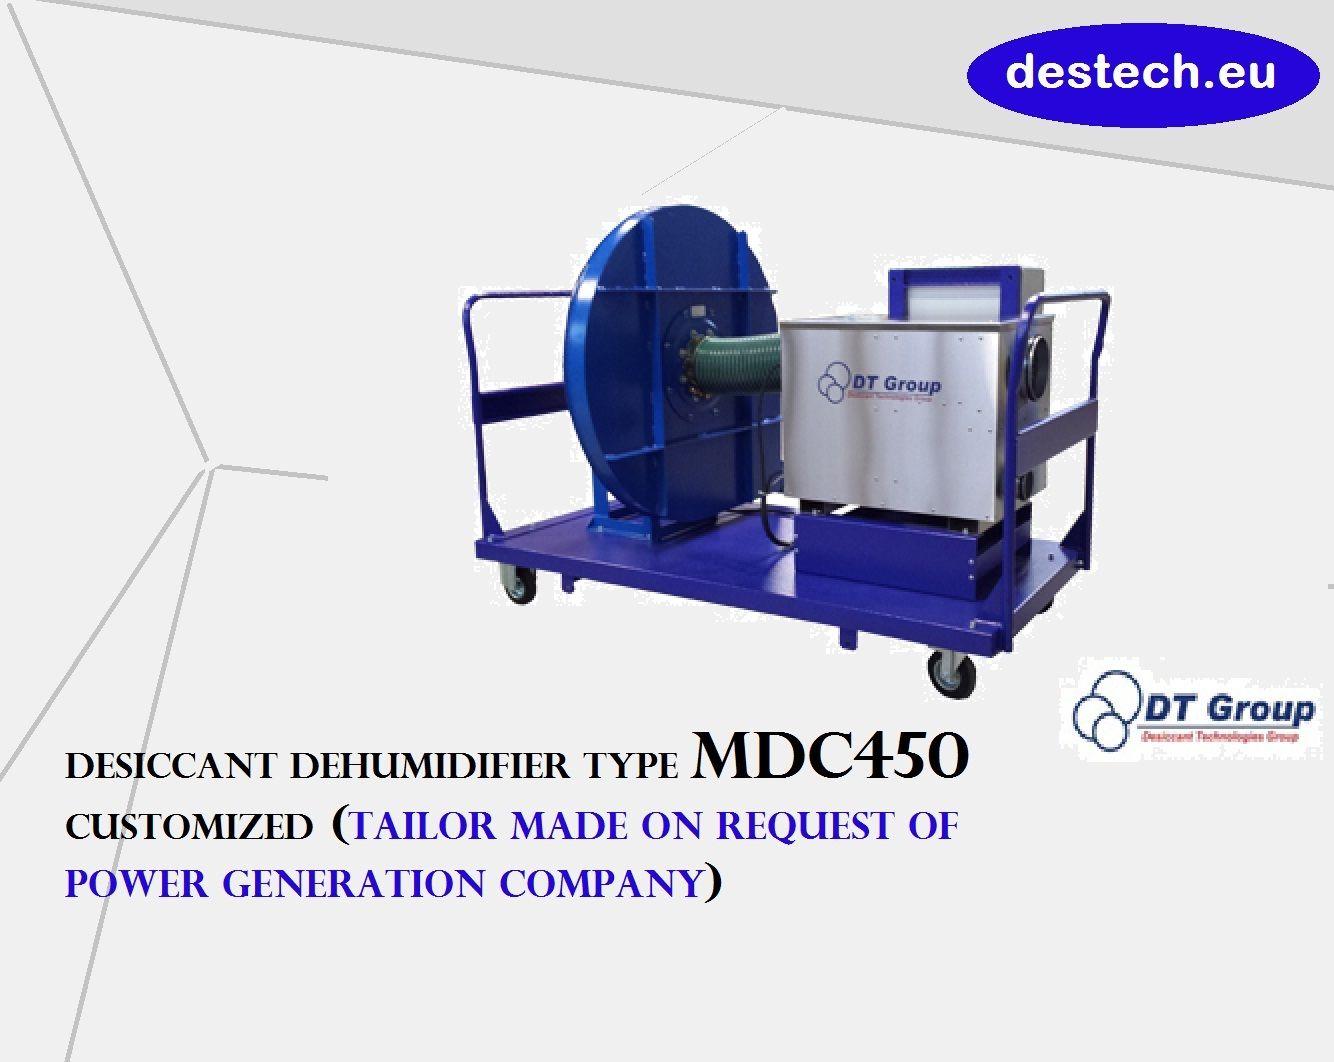 Desiccant dehumidifier type MDC450 from Destech.eu